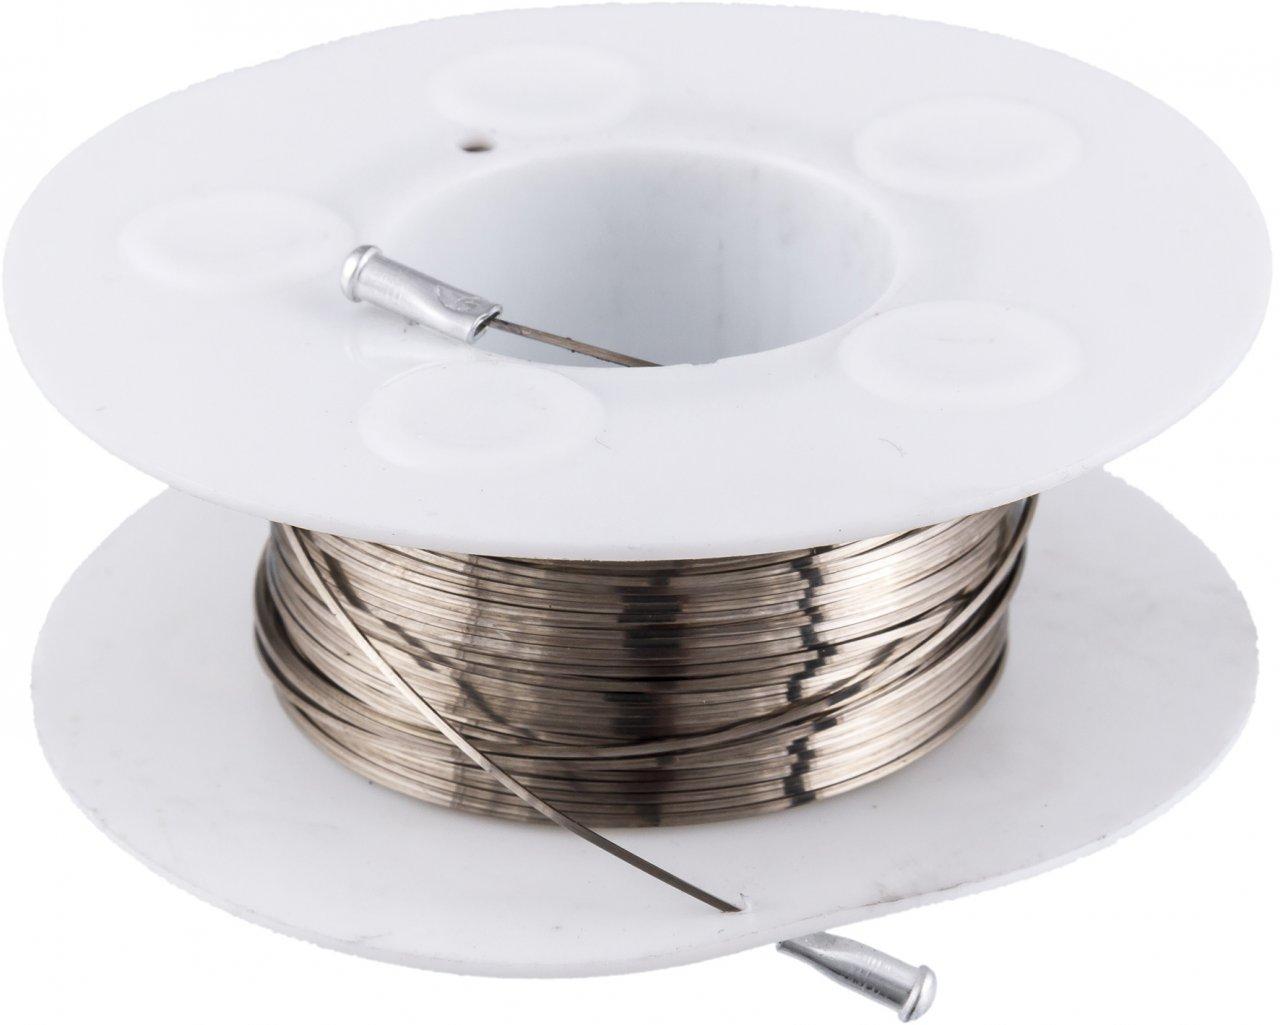 Струна для срезания уплотнителей стекол, 50 м КА-7321